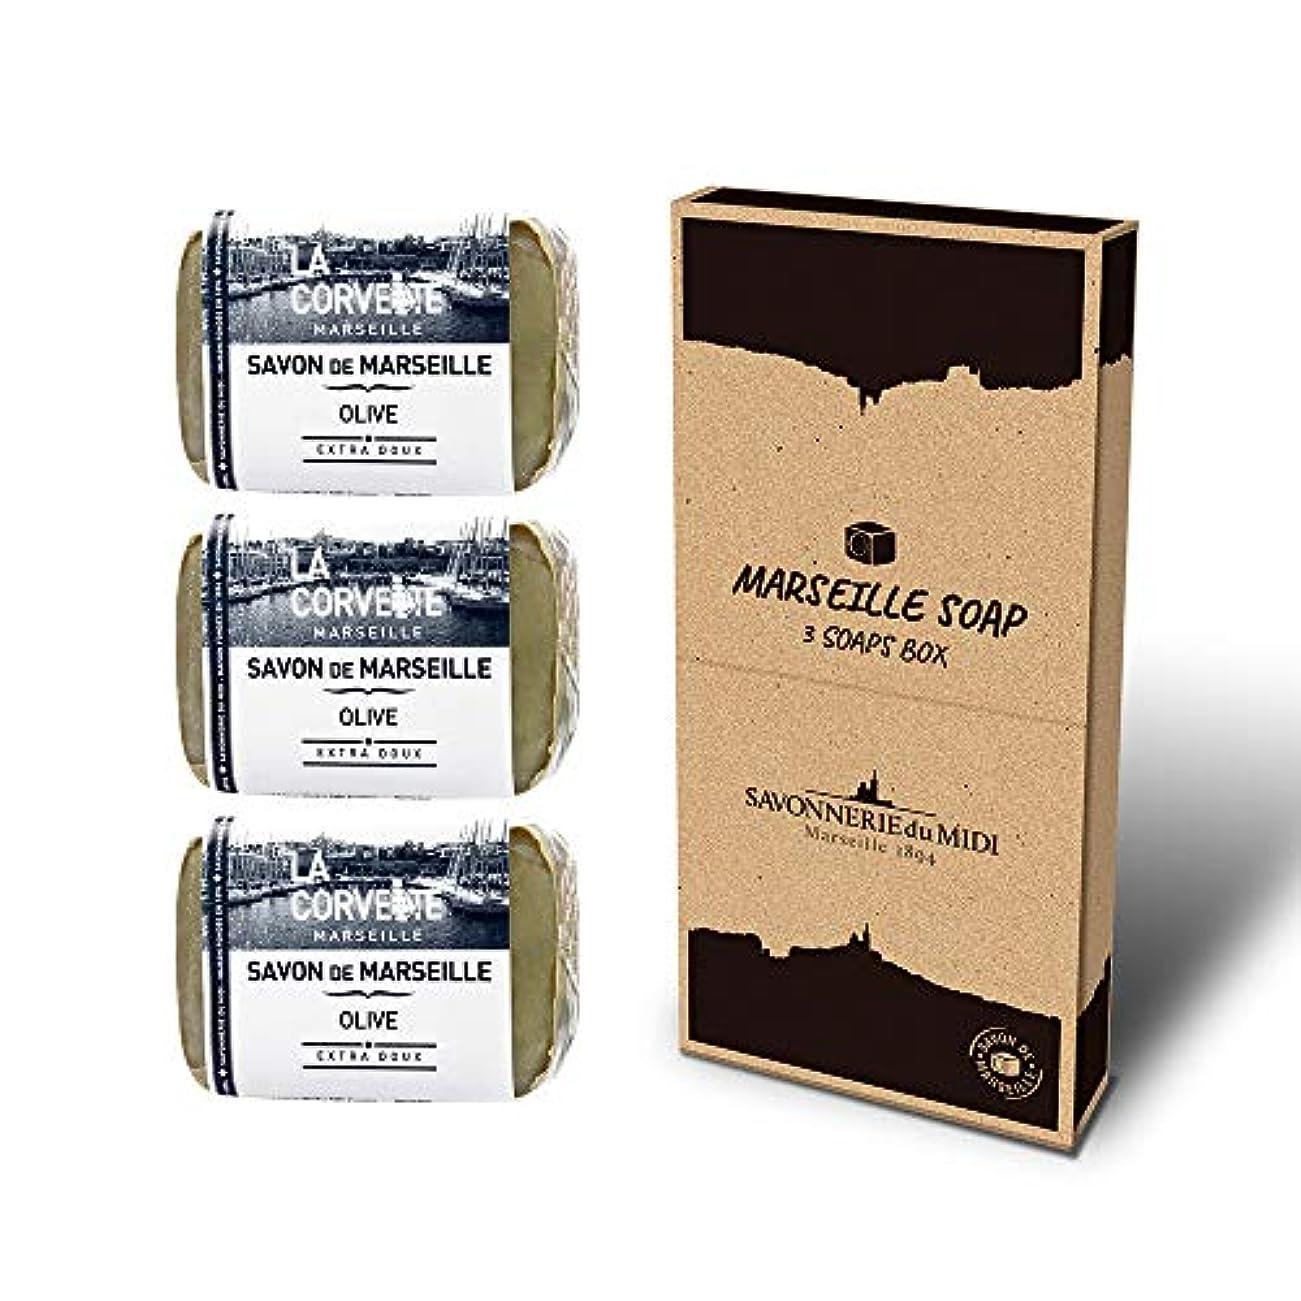 浮くラバキノコマルセイユソープ 3Soaps BOX オリーブ